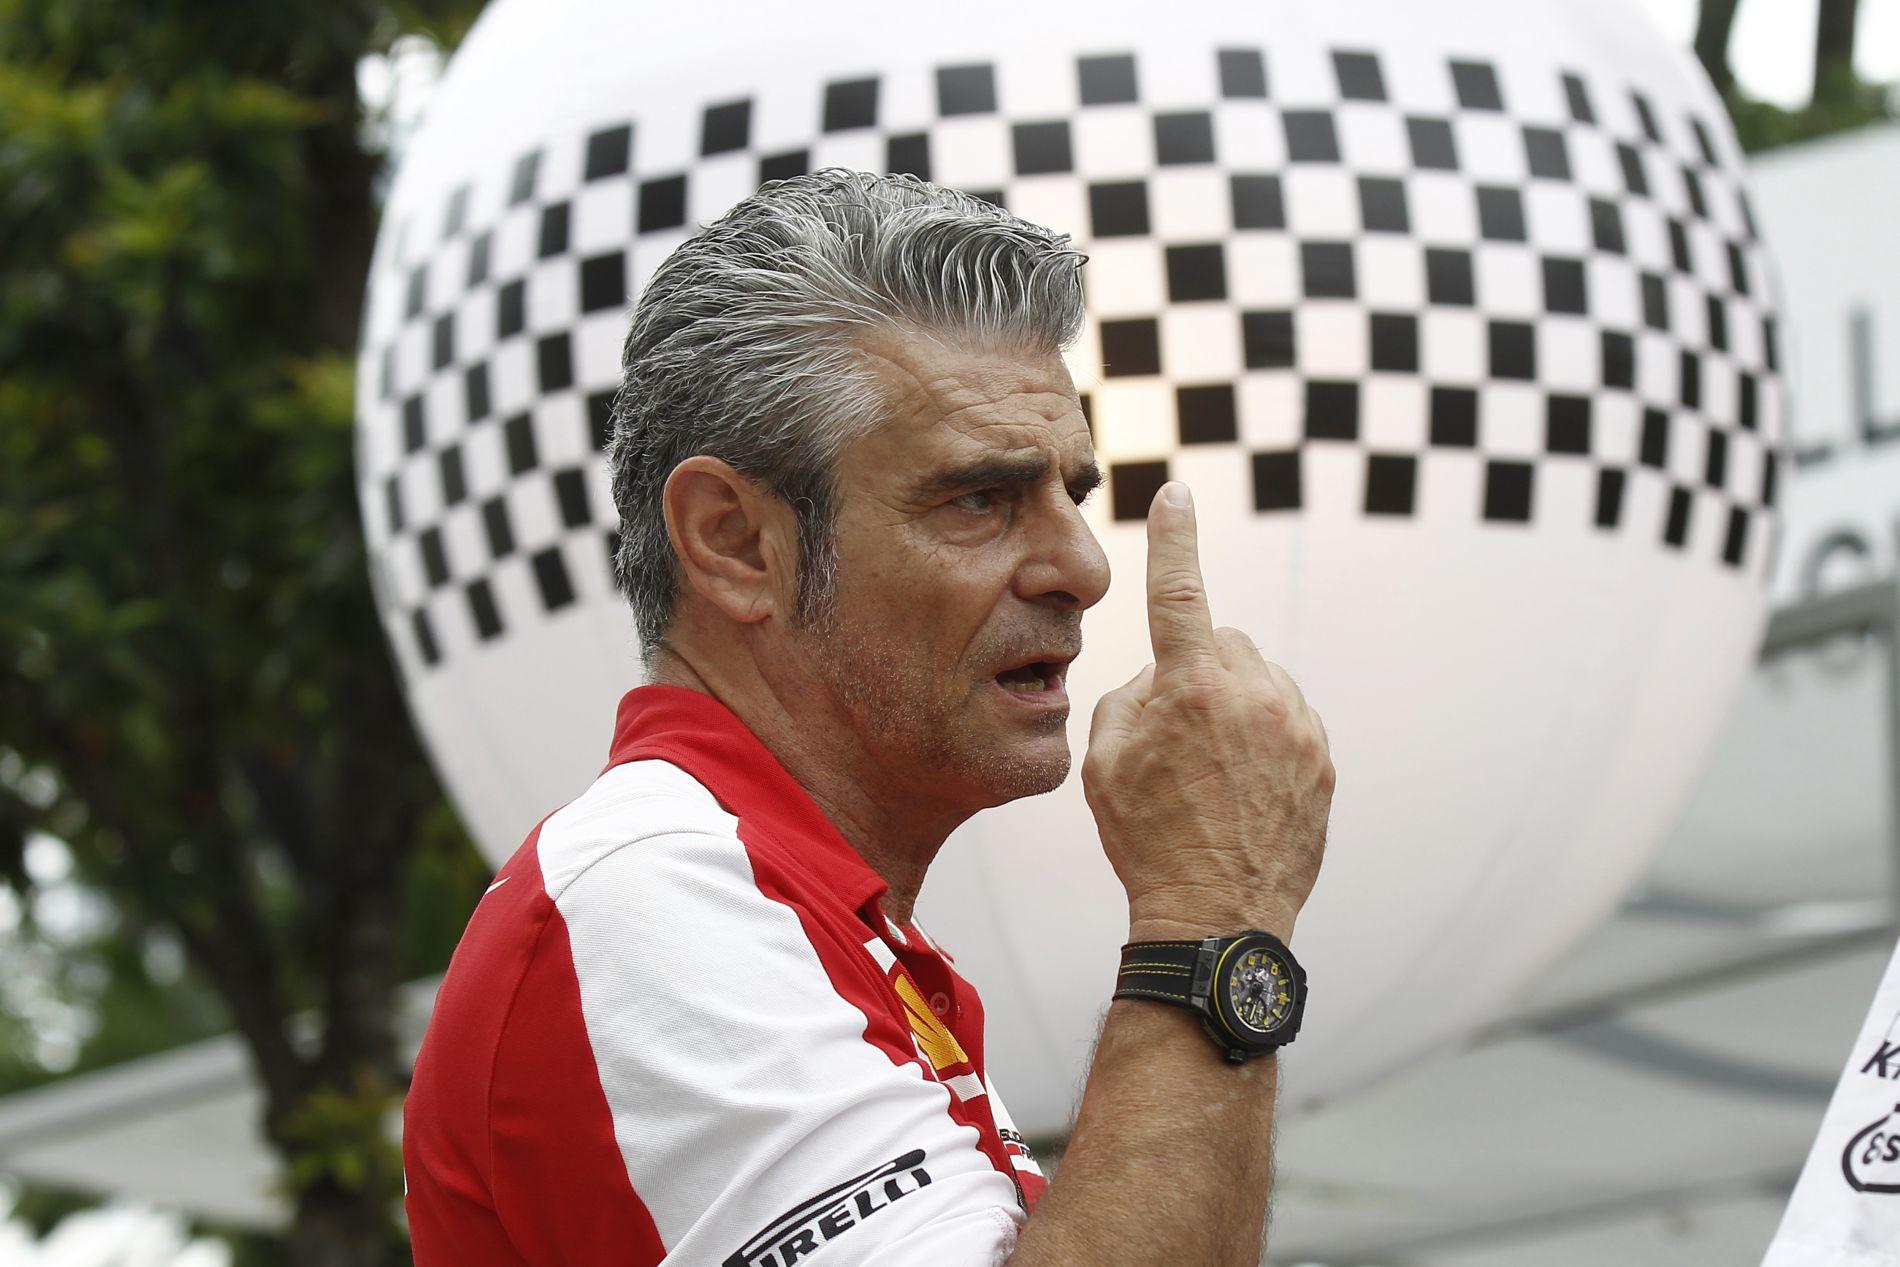 Olykor a Ferrari főnöke is azt gondolta, Vettel csak az autó miatt nyert az F1-ben